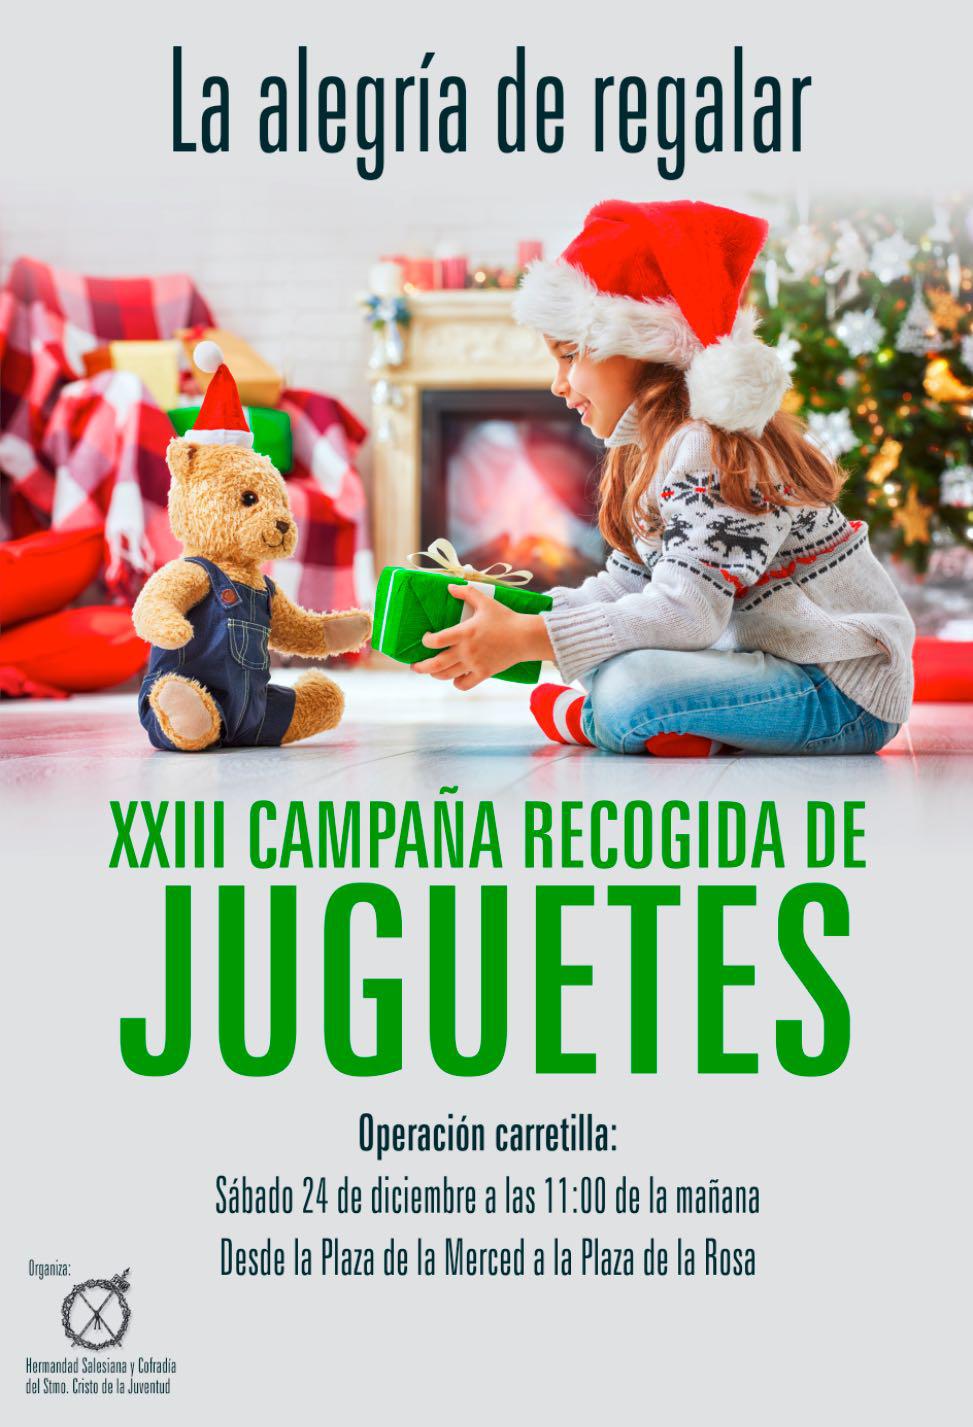 Campana recogida juguetes 2019